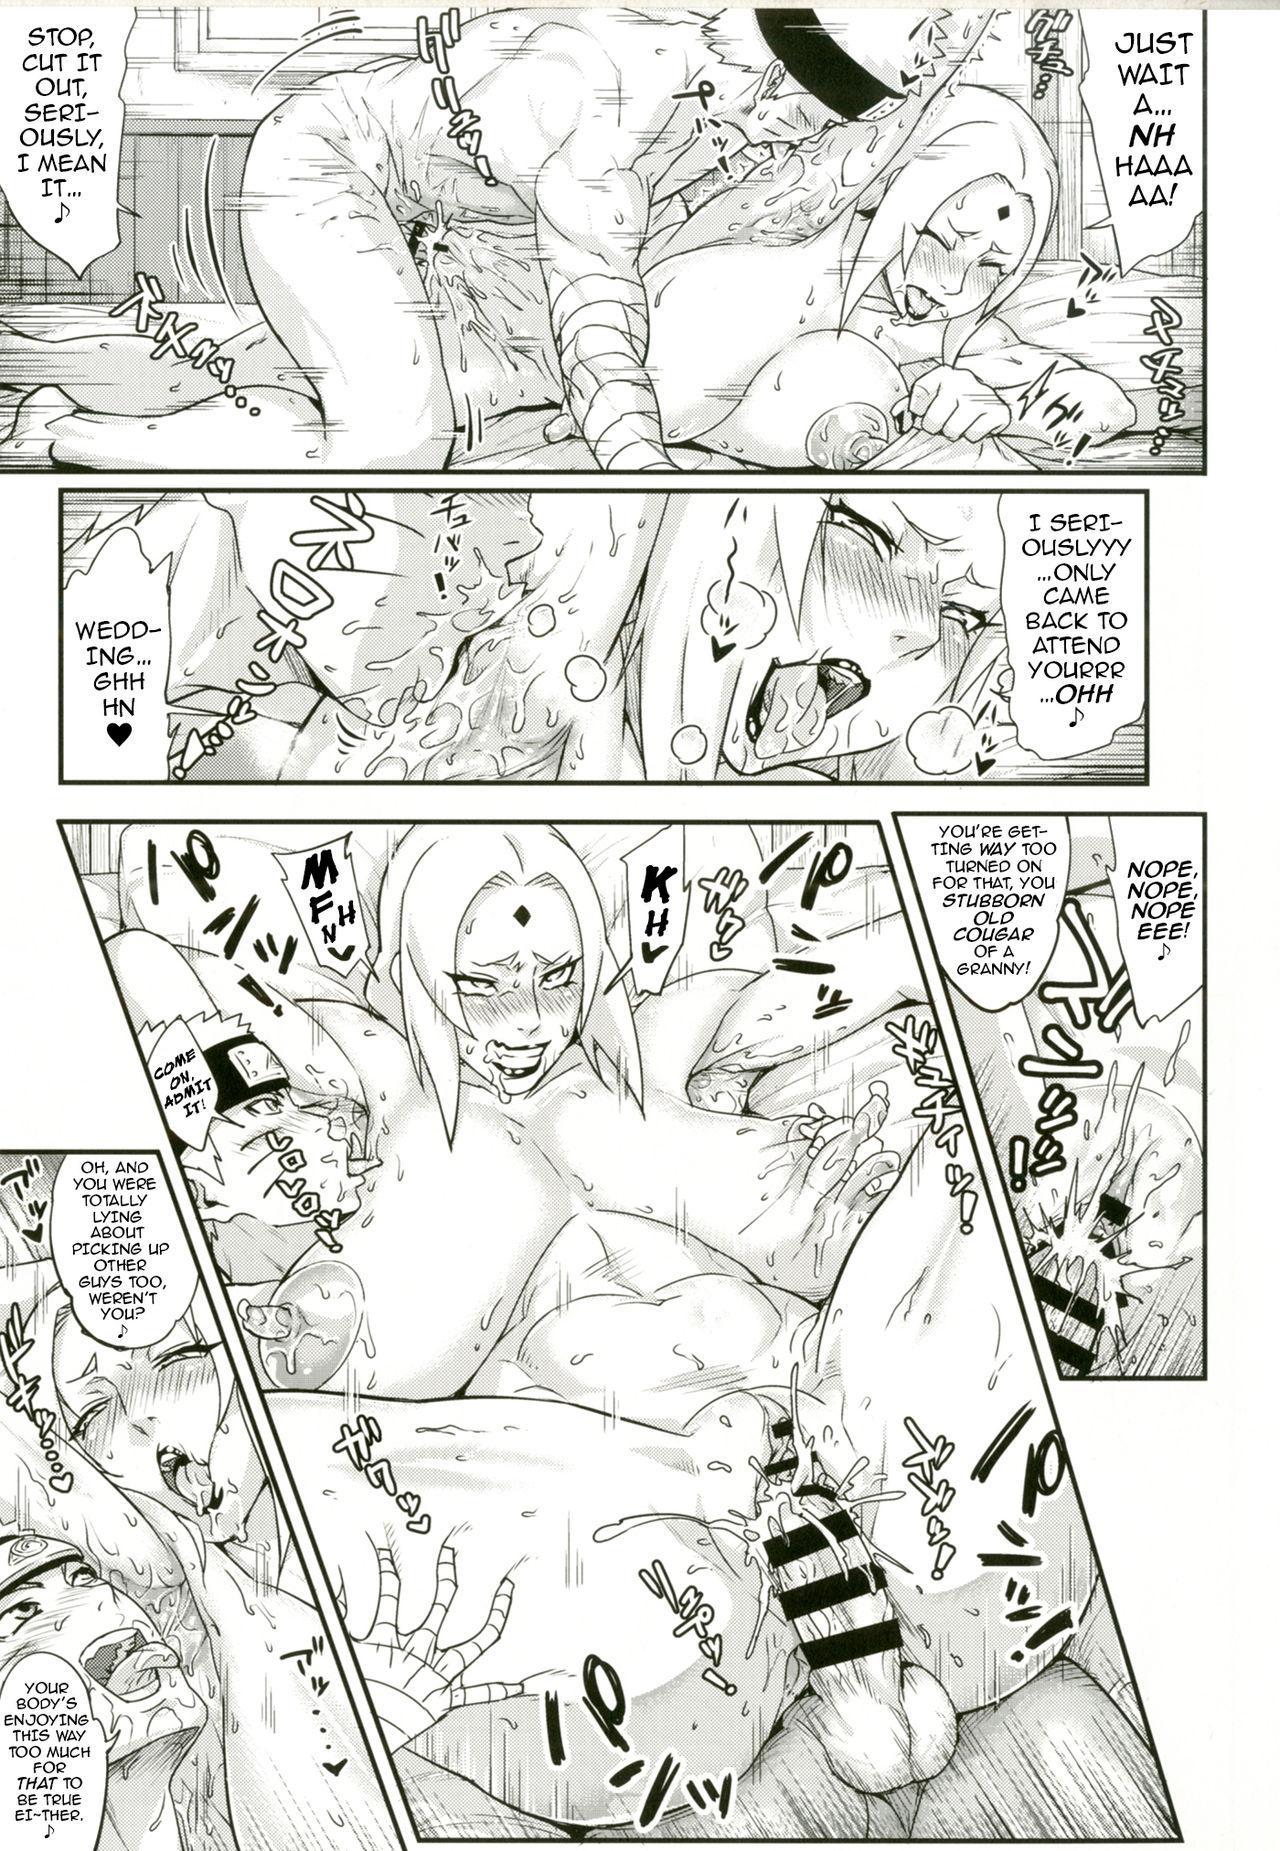 Jukumitsuki Intouden 2 | Debauchery of a Mature Honeypot Princess Ch 2 9